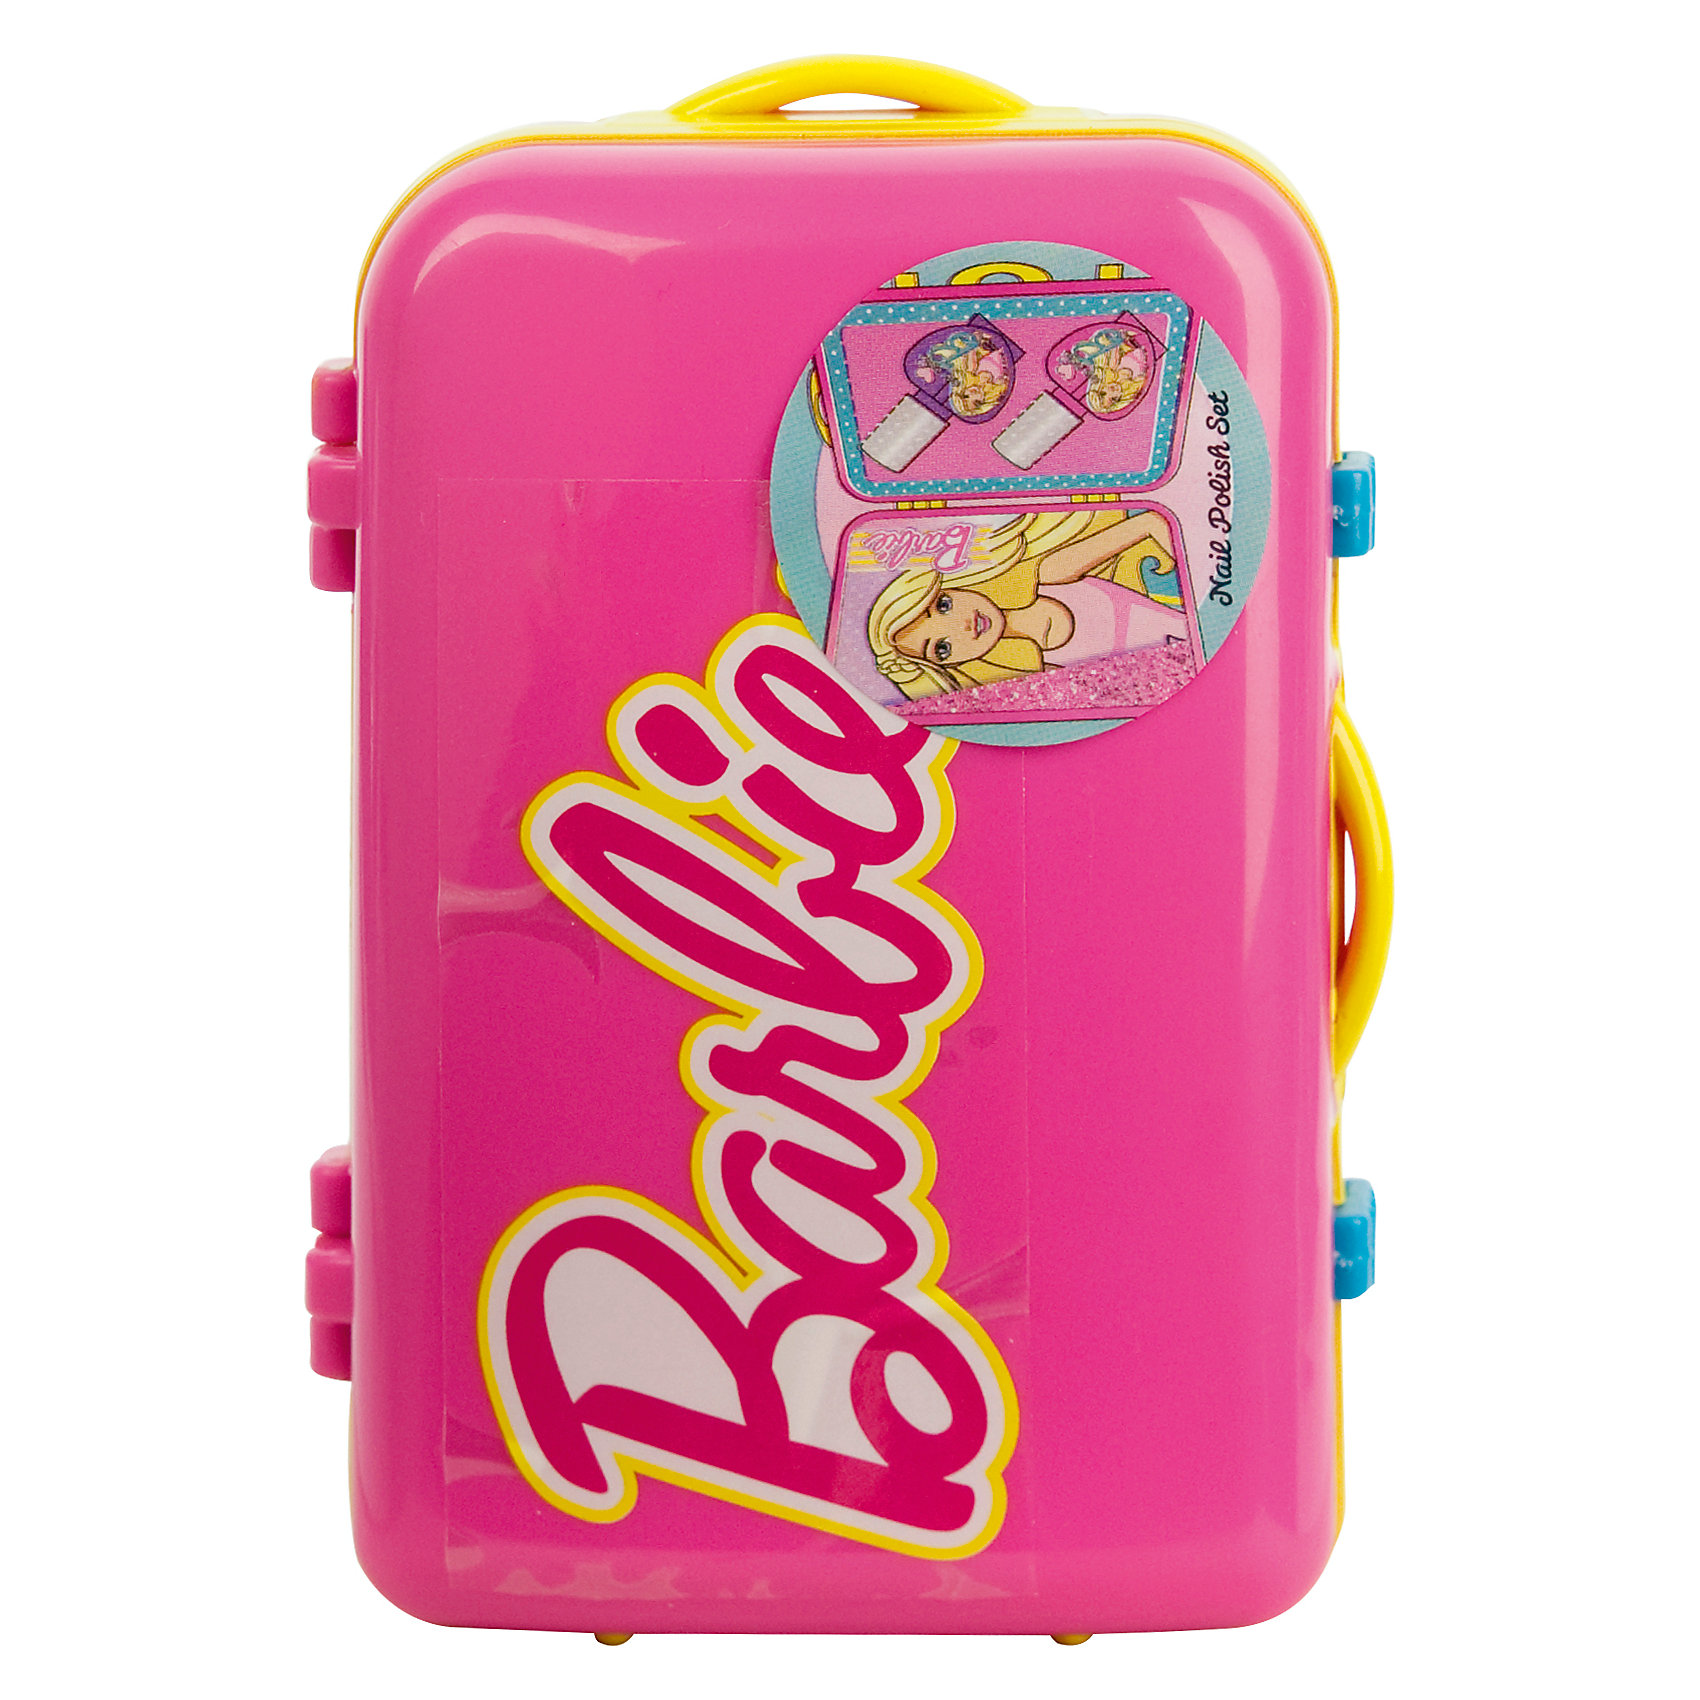 Набор косметики для ногтей Barbie в чемоданчике, розовыйХарактеристики:<br><br>• Наименование: детская декоративная косметика<br>• Предназначение: для сюжетно-ролевых игр<br>• Серия: Barbie<br>• Пол: для девочки<br>• Материал: натуральные косметические компоненты, пластик<br>• Цвет: в ассортименте<br>• Комплектация: 2 лака для ногтей<br>• Размеры (Д*Ш*В): 11*7*5 см<br>• Вес: 90 г <br>• Упаковка: пластиковый чемоданчик с ручками<br><br>Игровой набор детской декоративной косметики в розовом чемоданчике, Barbie – это набор игровой детской косметики от Markwins, которая вот уже несколько десятилетий специализируется на выпуске детской косметики. Рецептура декоративной детской косметики разработана совместно с косметологами и медиками, в основе рецептуры – водная основа, а потому она гипоаллергенны, не вызывает раздражений на детской коже и легко смывается, не оставляя следа. Безопасность продукции подтверждена международными сертификатами качества и безопасности. <br>Игровой набор детской декоративной косметики состоит из двух оттенков лака для ногтей на водной основе. Косметические средства, входящие в состав набора, имеют длительный срок хранения – 12 месяцев. Набор выполнен в брендовом дизайне популярной серии Barbie, упакован в шкатулку в виде дорожного чемодана. Игровой набор детской декоративной косметики от Markwins может стать незаменимым праздничным подарком для любой маленькой модницы!<br><br>Игровой набор детской декоративной косметики в розовом чемоданчике, Barbie можно купить в нашем интернет-магазине.<br><br>Ширина мм: 32<br>Глубина мм: 95<br>Высота мм: 63<br>Вес г: 110<br>Возраст от месяцев: 48<br>Возраст до месяцев: 120<br>Пол: Женский<br>Возраст: Детский<br>SKU: 5124698